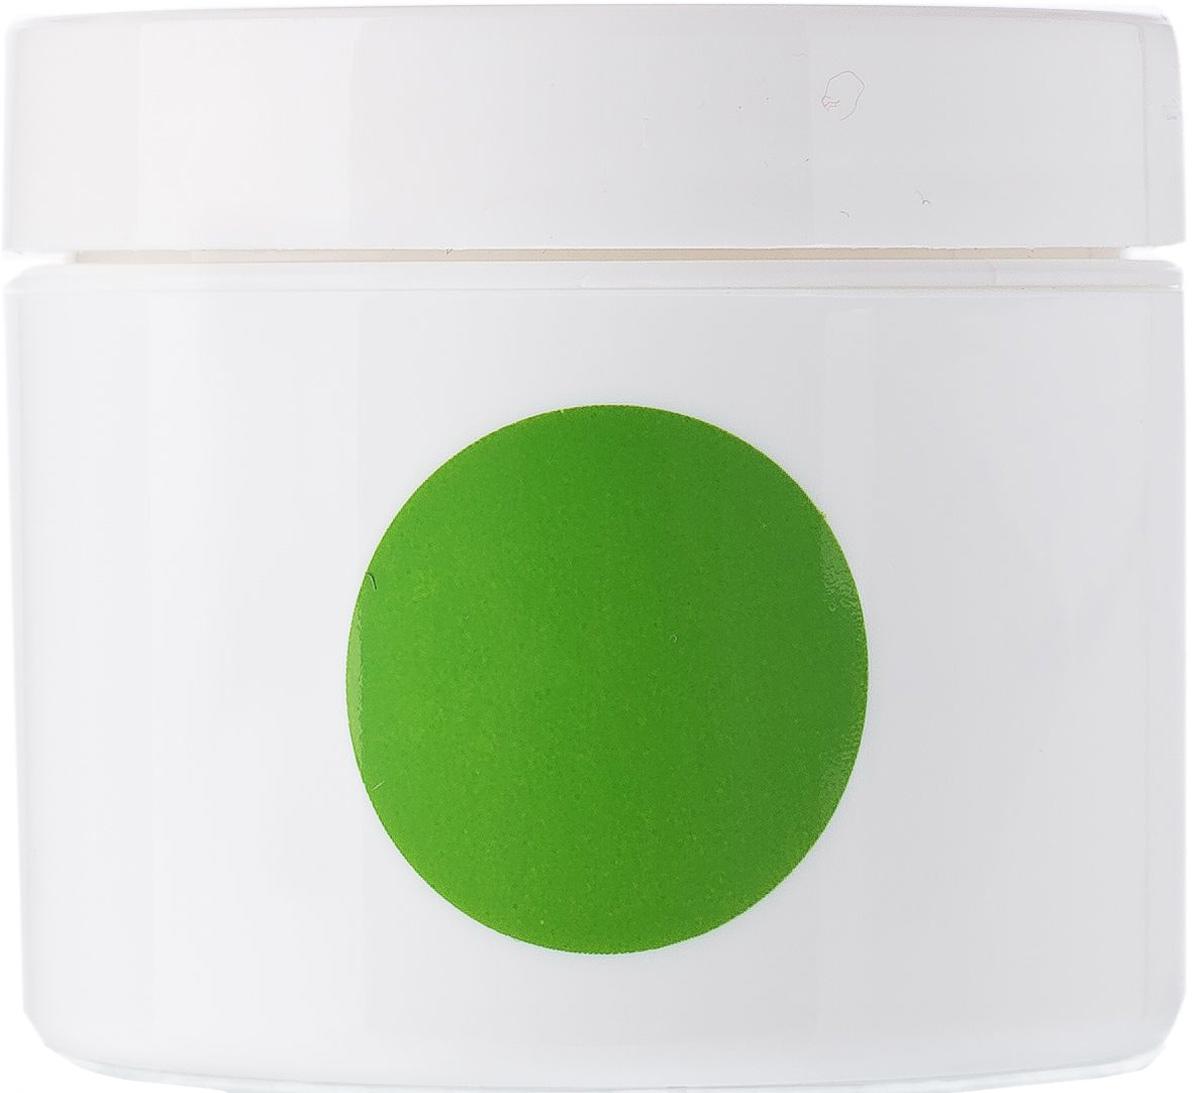 Somme Institute Крем для лица A-Bomb, 57 гSO4000AA-Bomb – это созданный со строго научным подходом увлажняющий крем с запатентованным комплексом MDT5, содержащим эффективную комбинацию витаминов А и Е и натуральные растительные компоненты. Быстро впитывается, увлажняет кожу, стимулирует клеточное обновление, ухаживает за кожей с акне и предотвращает появление новых воспалений.